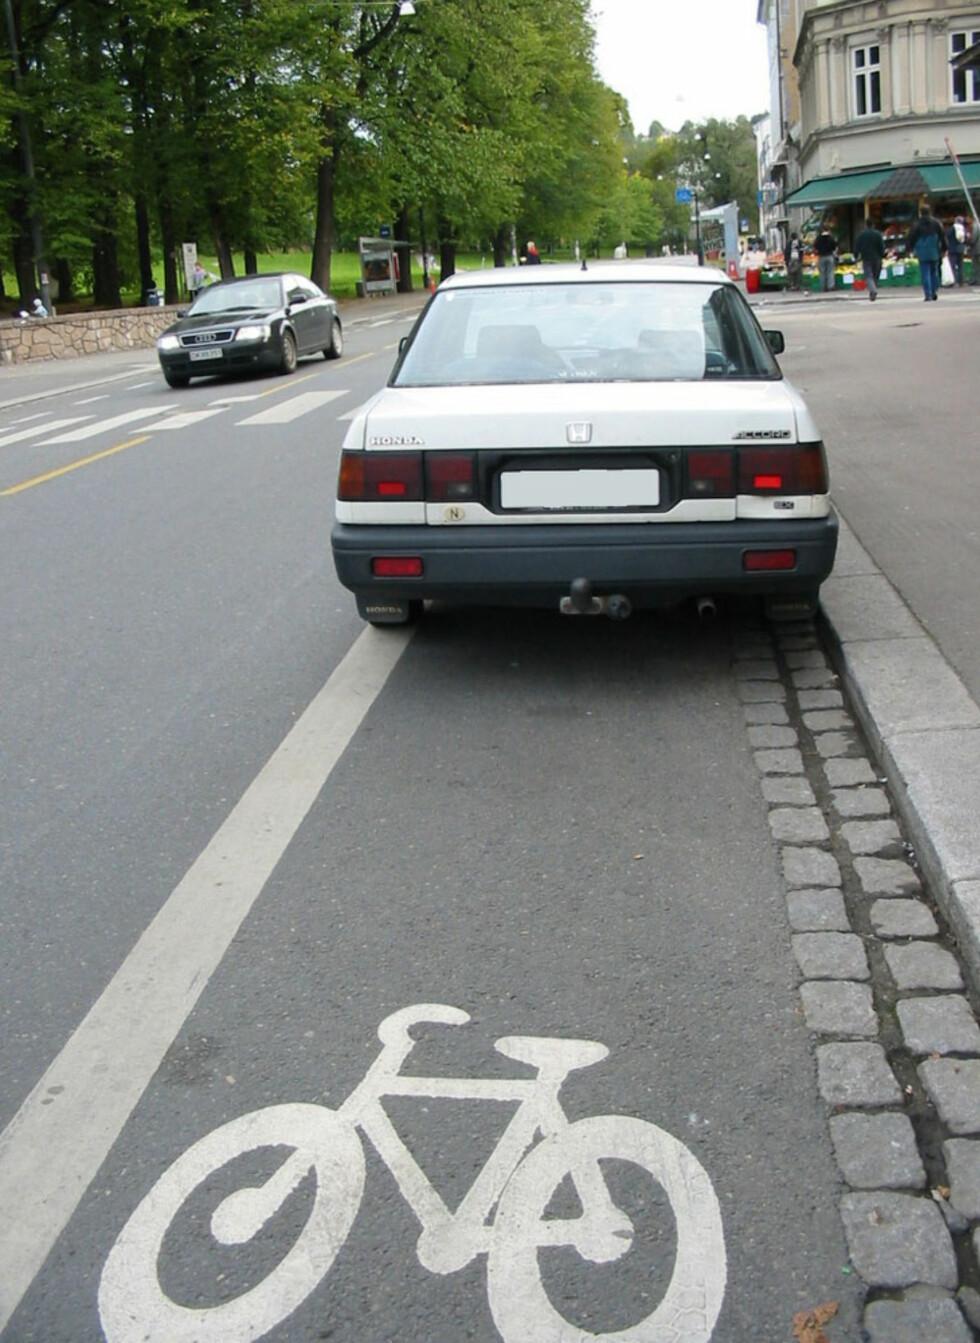 """""""BARE FOR SYKKEL: All stans i sykkelfelt er ulovlig,"""" skriver Trafikketaten om parkeringen. Foto: Trafikketaten"""